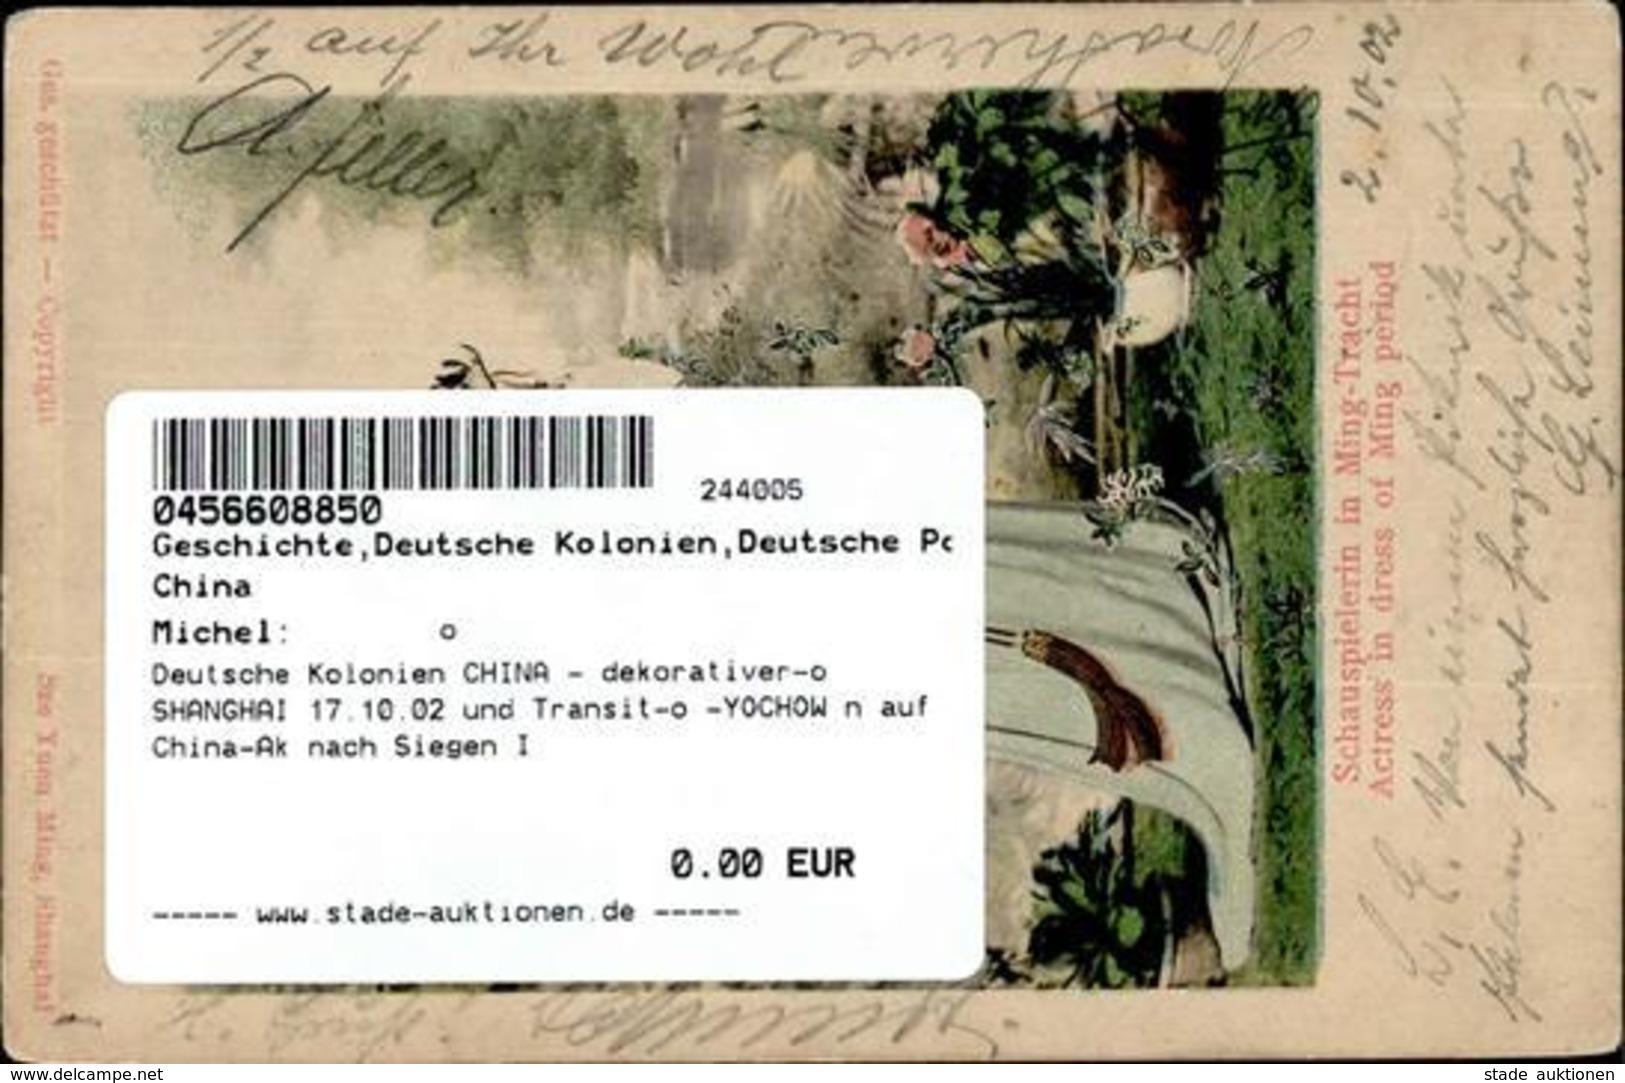 Deutsche Kolonien CHINA - Dekorativer-o SHANGHAI 17.10.02 Und Transit-o -YOCHOW N Auf China-Ak Nach Siegen I Colonies - Völker & Typen